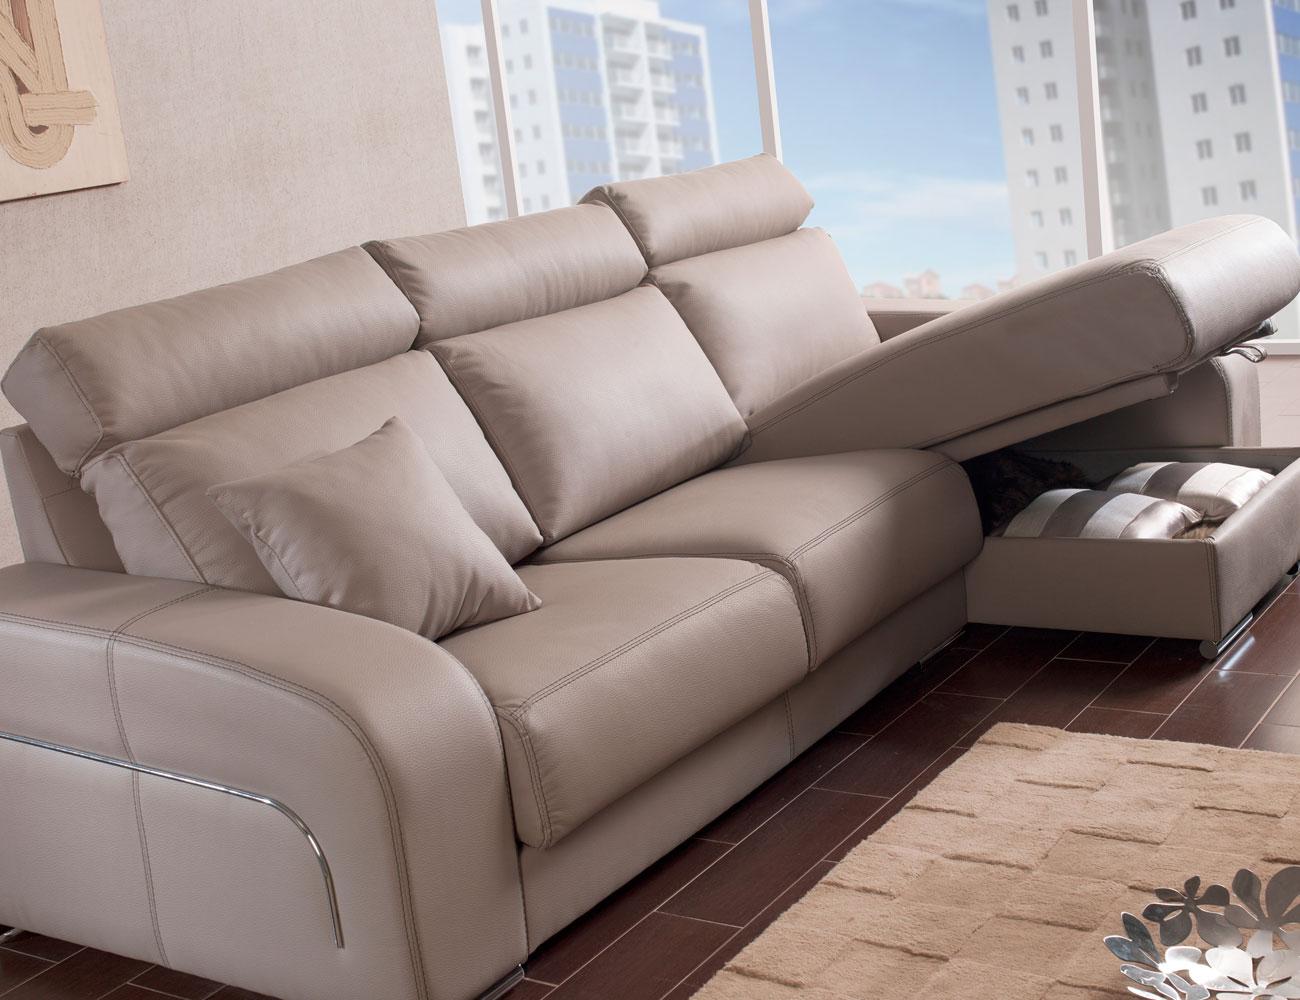 Sofa chaiselongue moderno pared cero arcon78